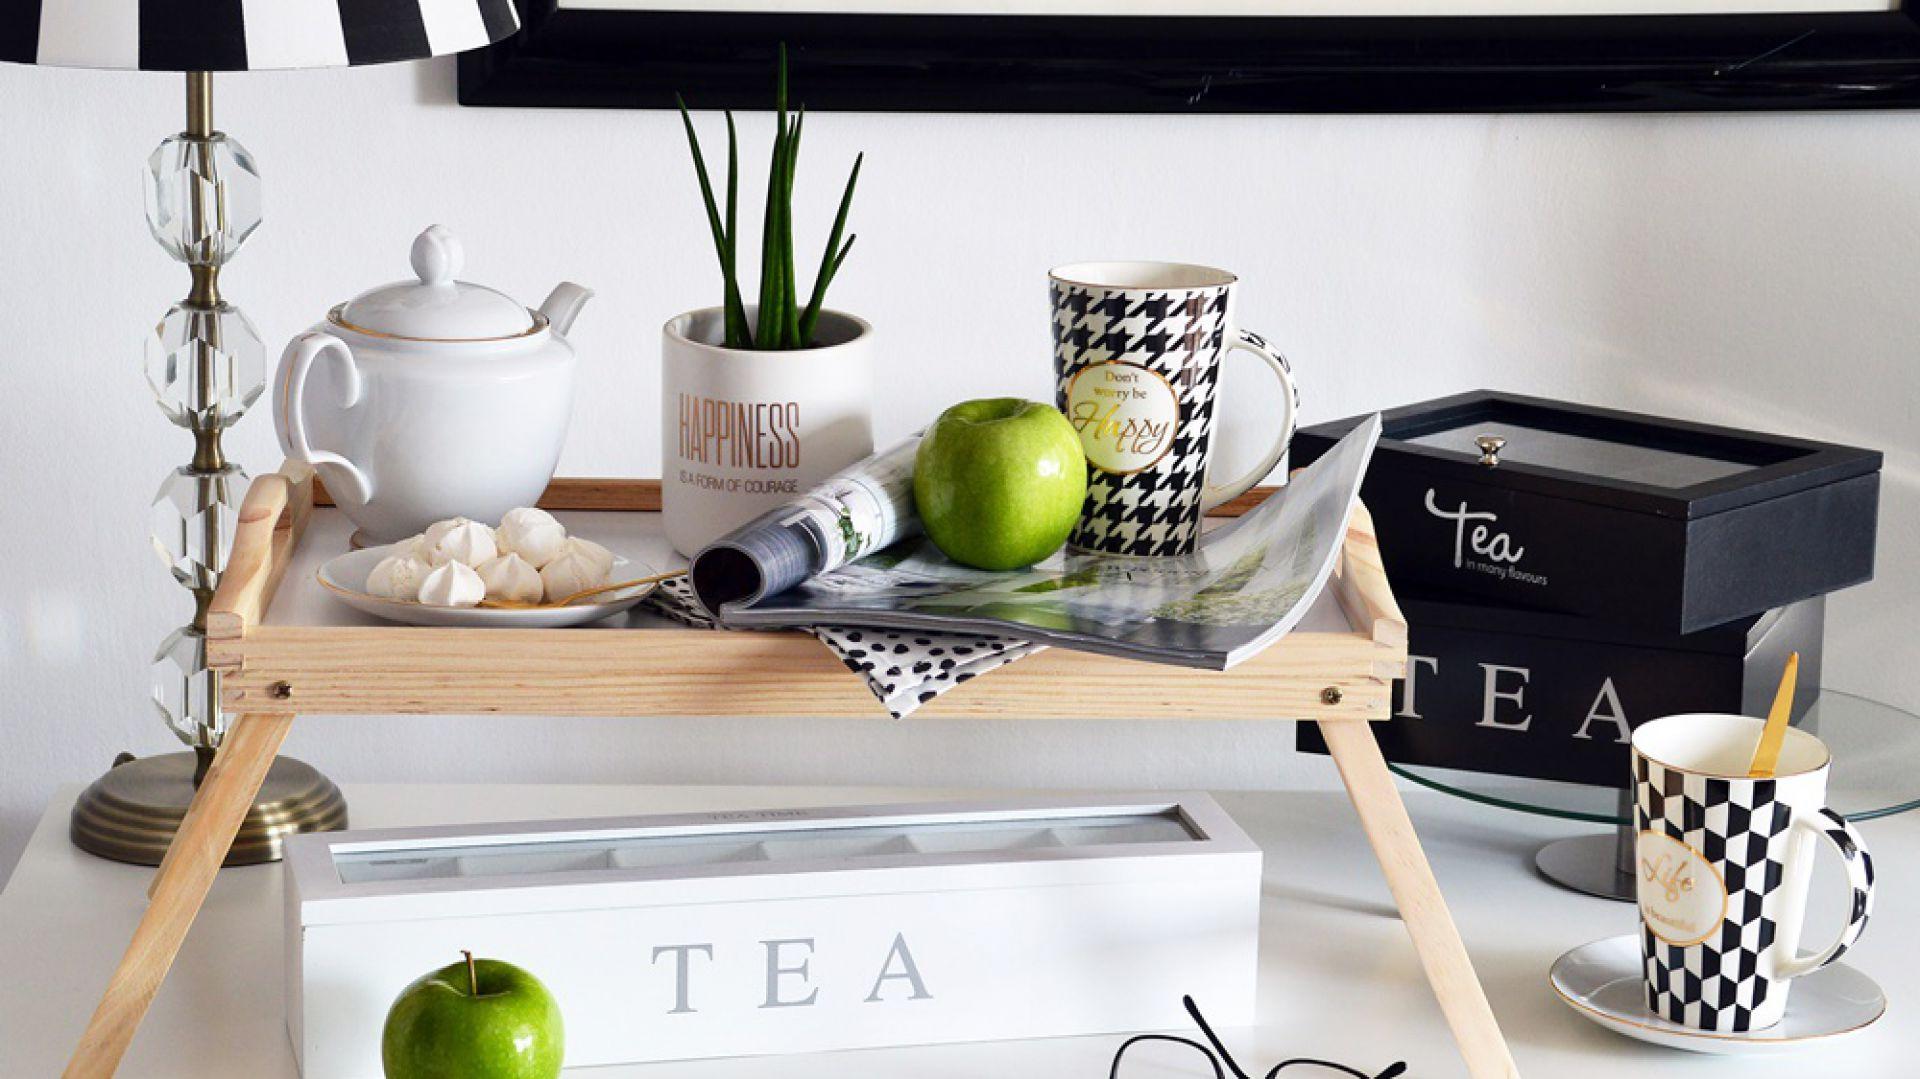 Drewniana taca z rozkładanymi nóżkami łączy w sobie trzy funkcje. Może służyć jako stolik śniadaniowy, stolik pod laptop lub standardowa taca do przenoszenia dań. Cena: 39,99 zł. Produkt dostępny w Emako.pl